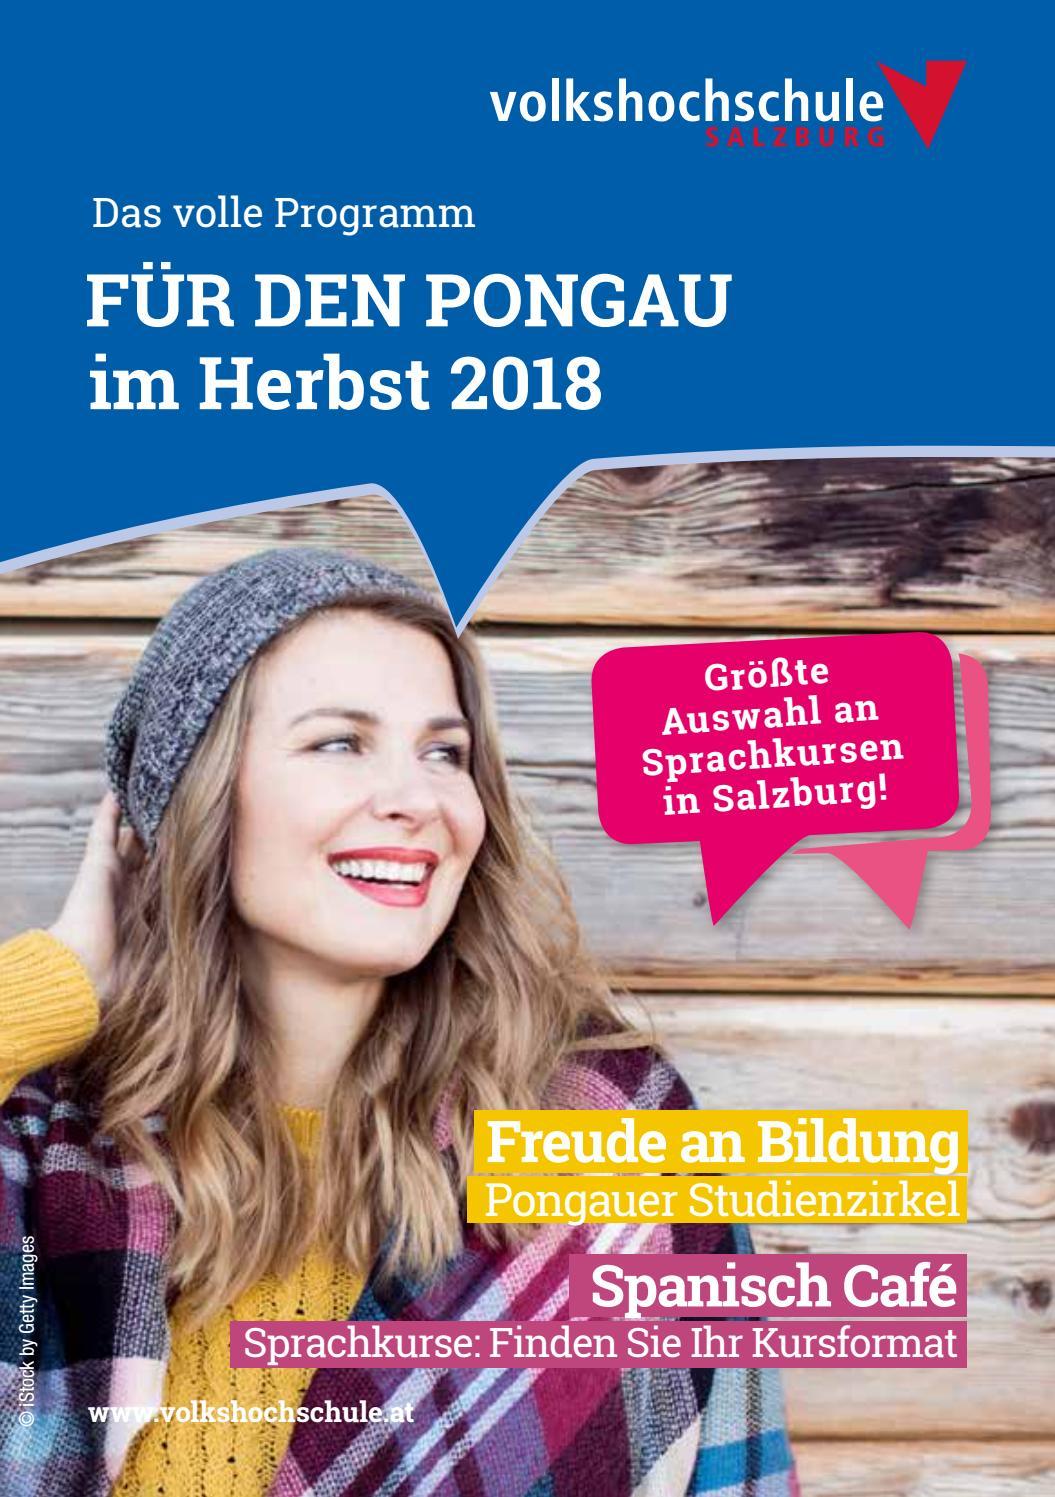 Altenmarkt im pongau kostenlose singlebrsen Sexkontakte in